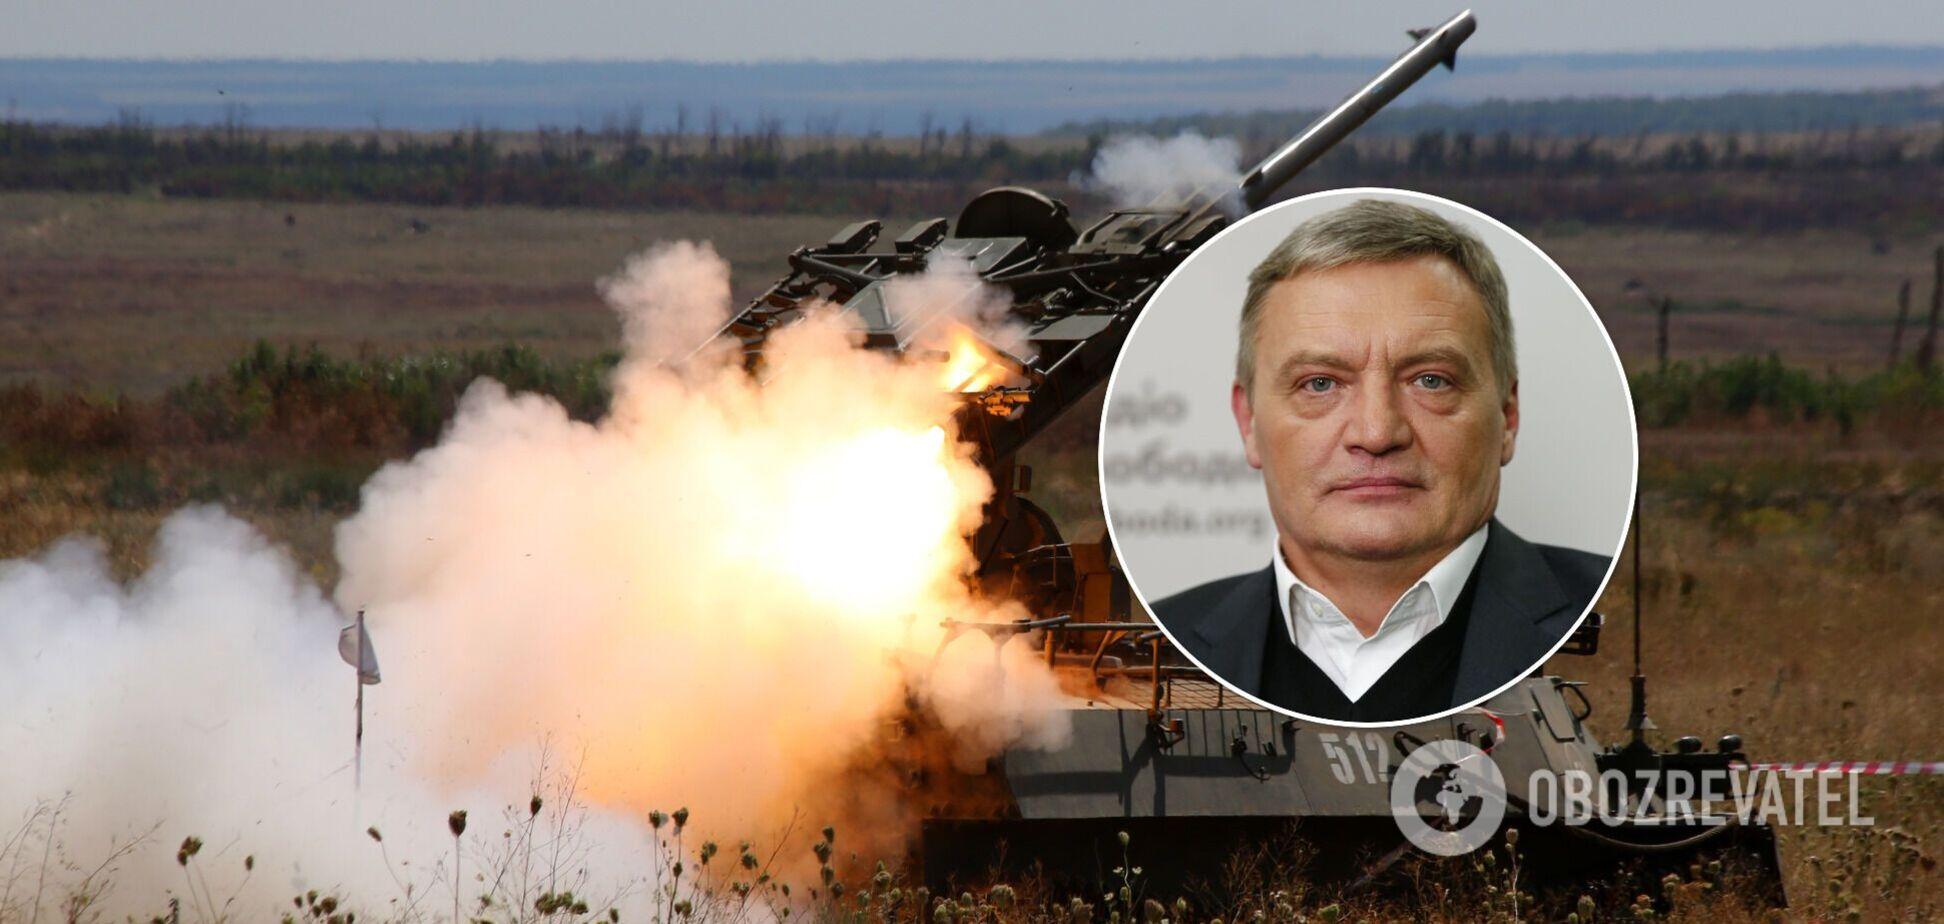 Україні доведеться терміново звільняти Донбас, – Гримчак